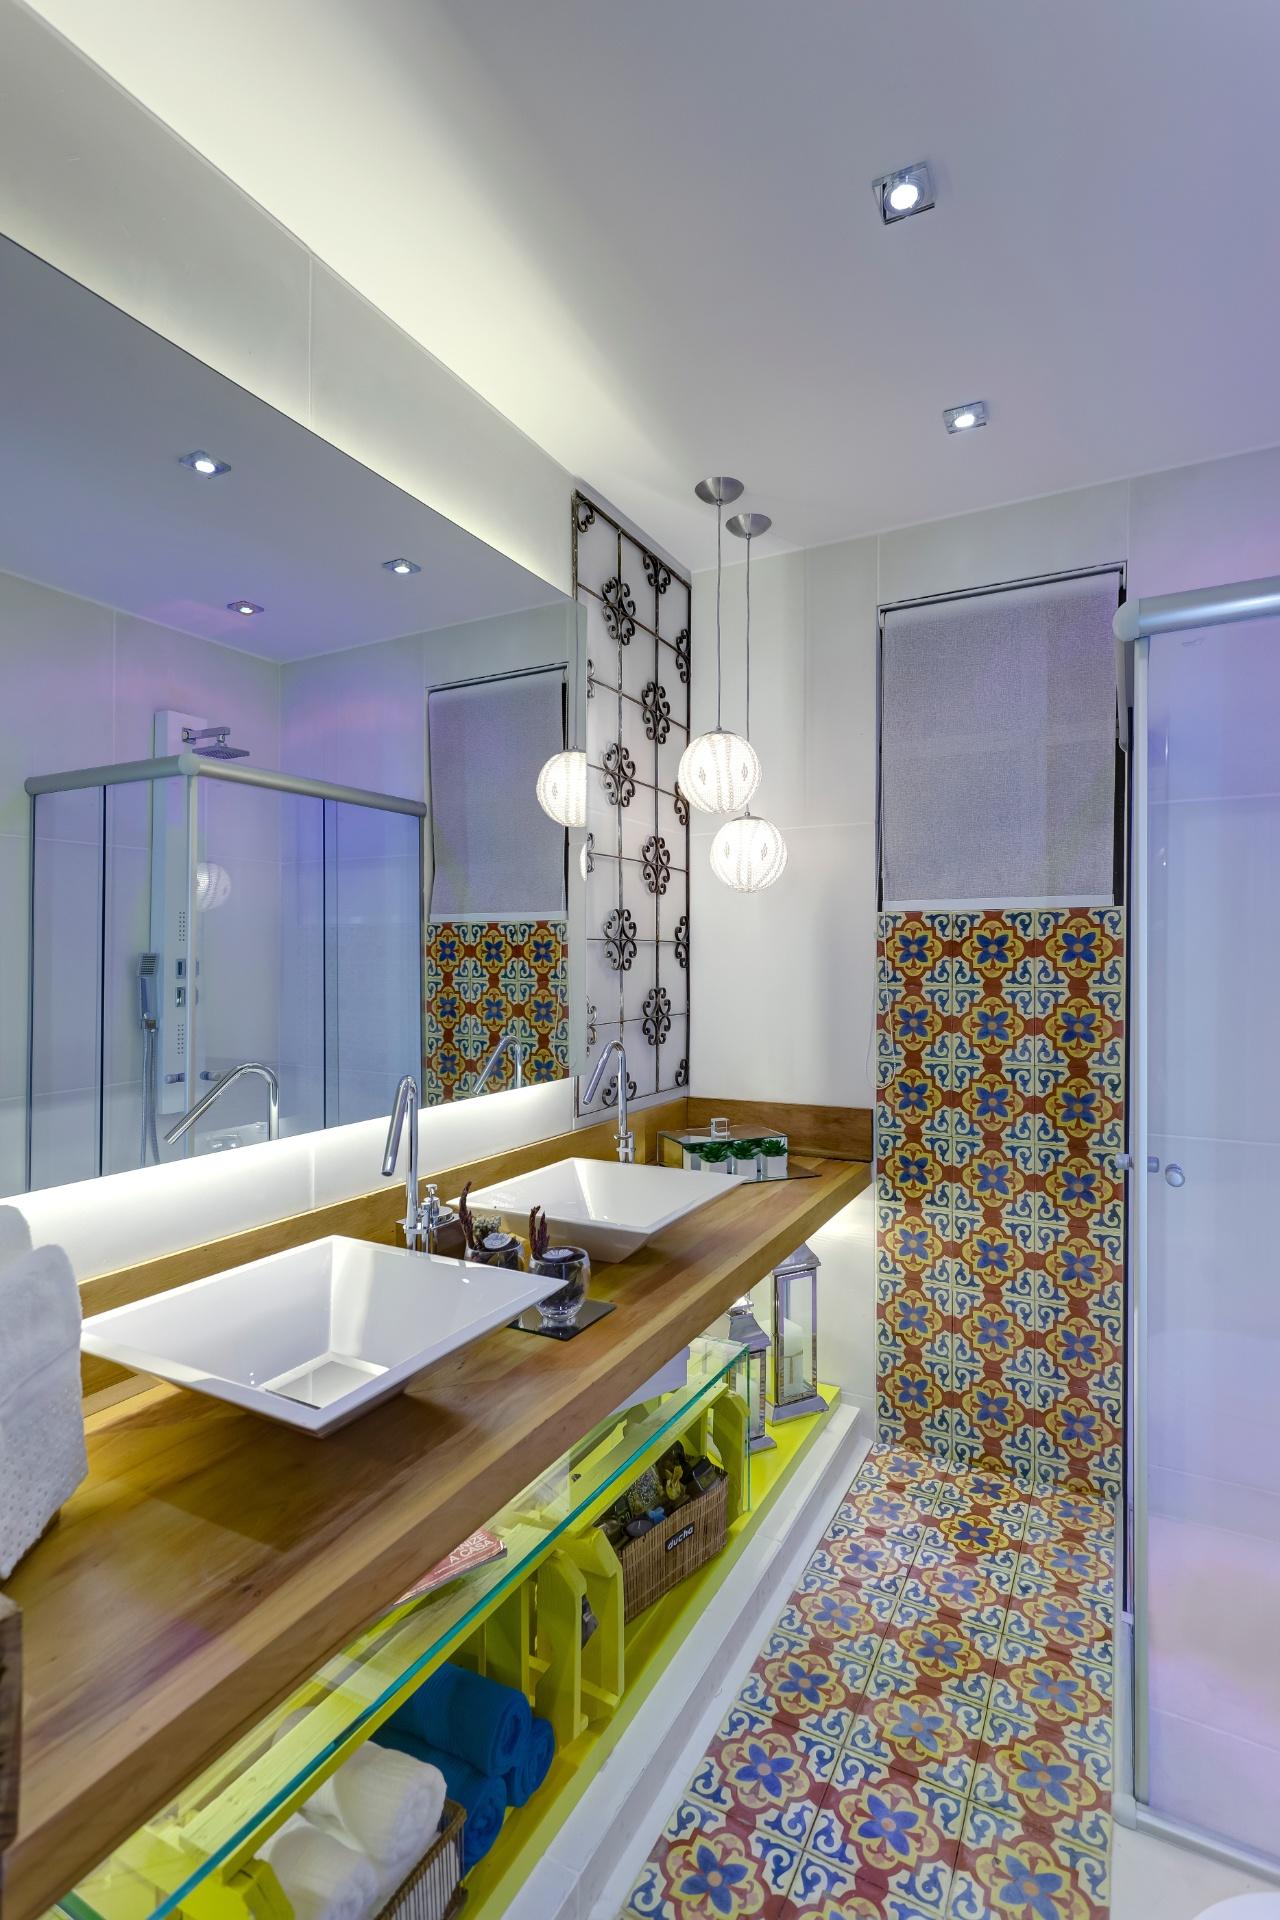 c531debd54 Veja algumas ideias para renovar o visual dos banheiros da sua casa - BOL  Fotos - BOL Fotos